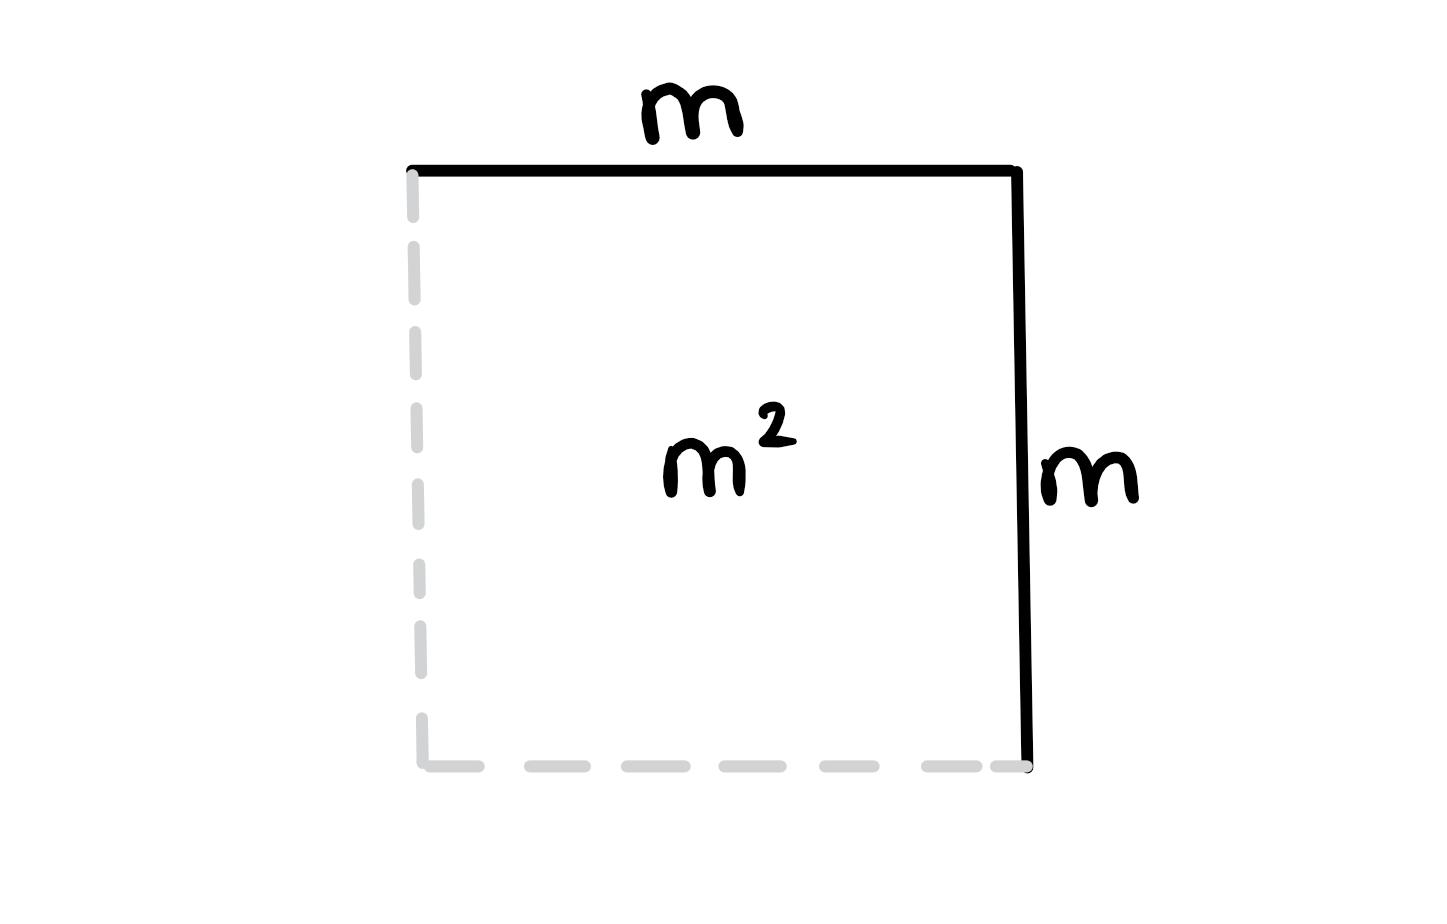 Rechnen mit Einheiten - Mathe Artikel » Serlo.org